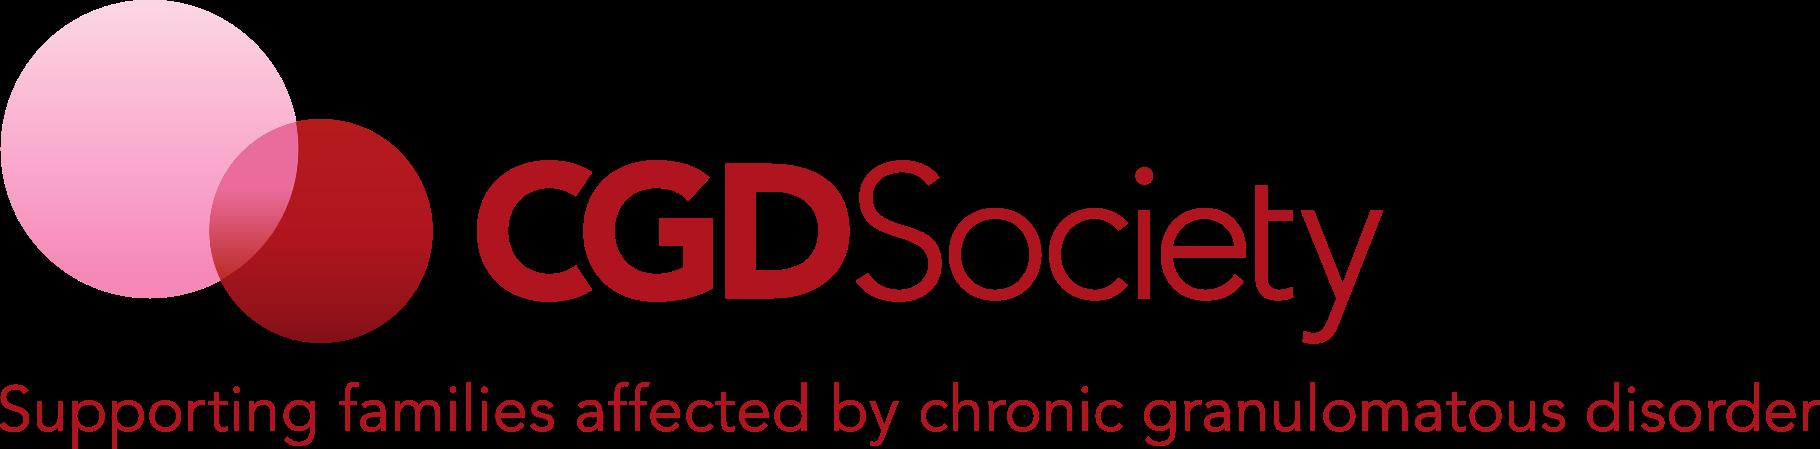 CGDS_logo_horiz_cmyk_strap2